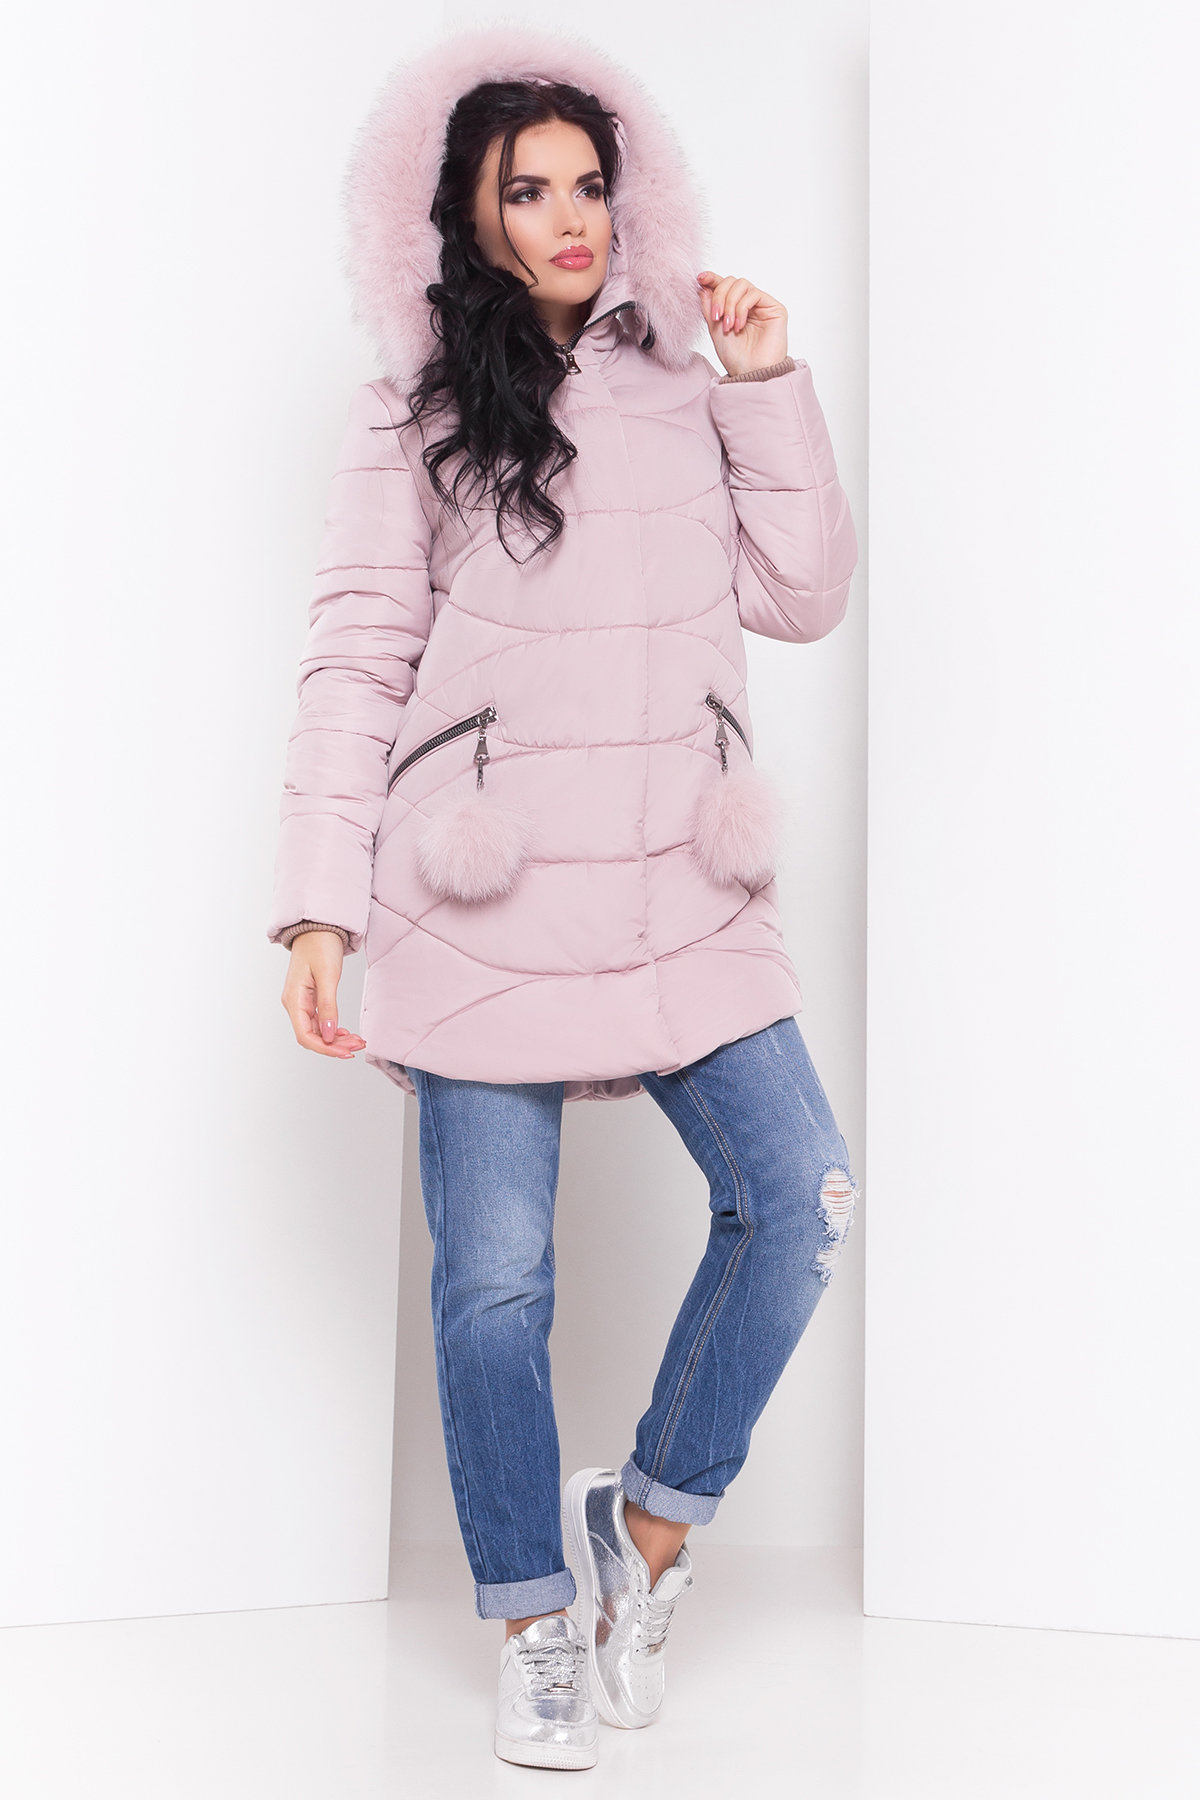 Пуховик с капюшоном Ингрид 3267 АРТ. 16793 Цвет: Серо-розовый - фото 2, интернет магазин tm-modus.ru